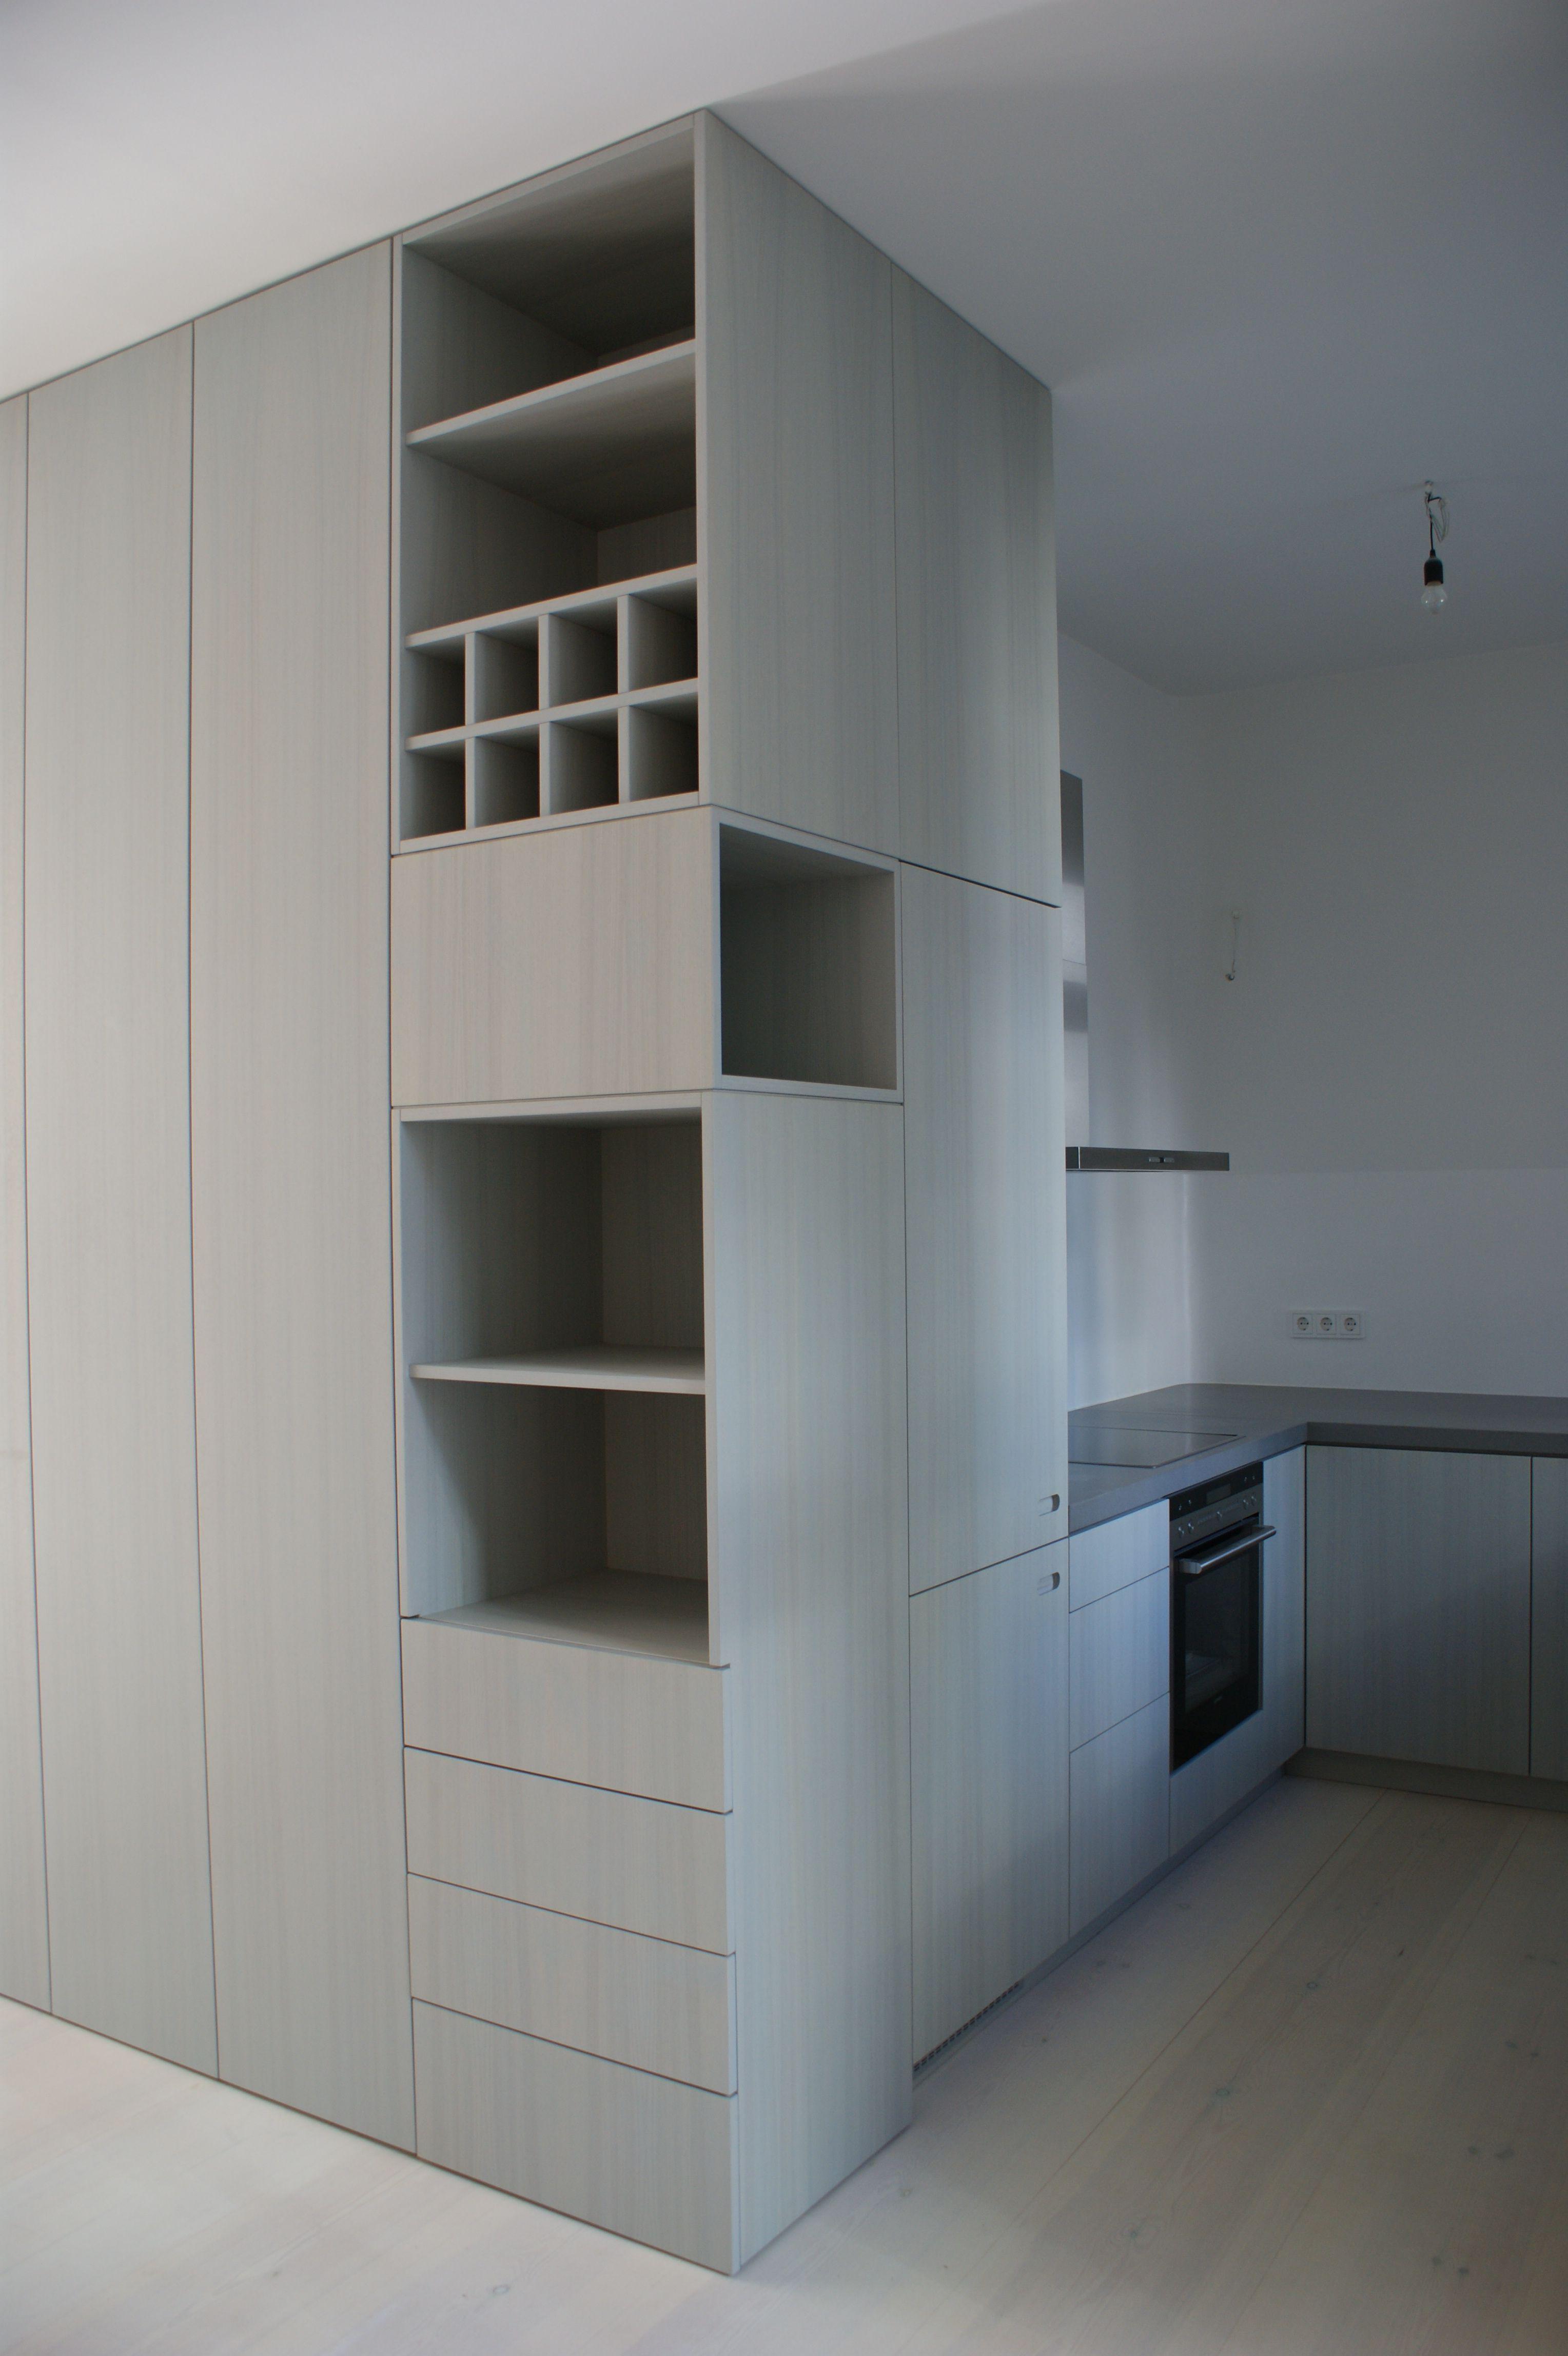 Ikea einbauschrank k che kleine k che mit sitzgelegenheit for Einbauschrank kuche